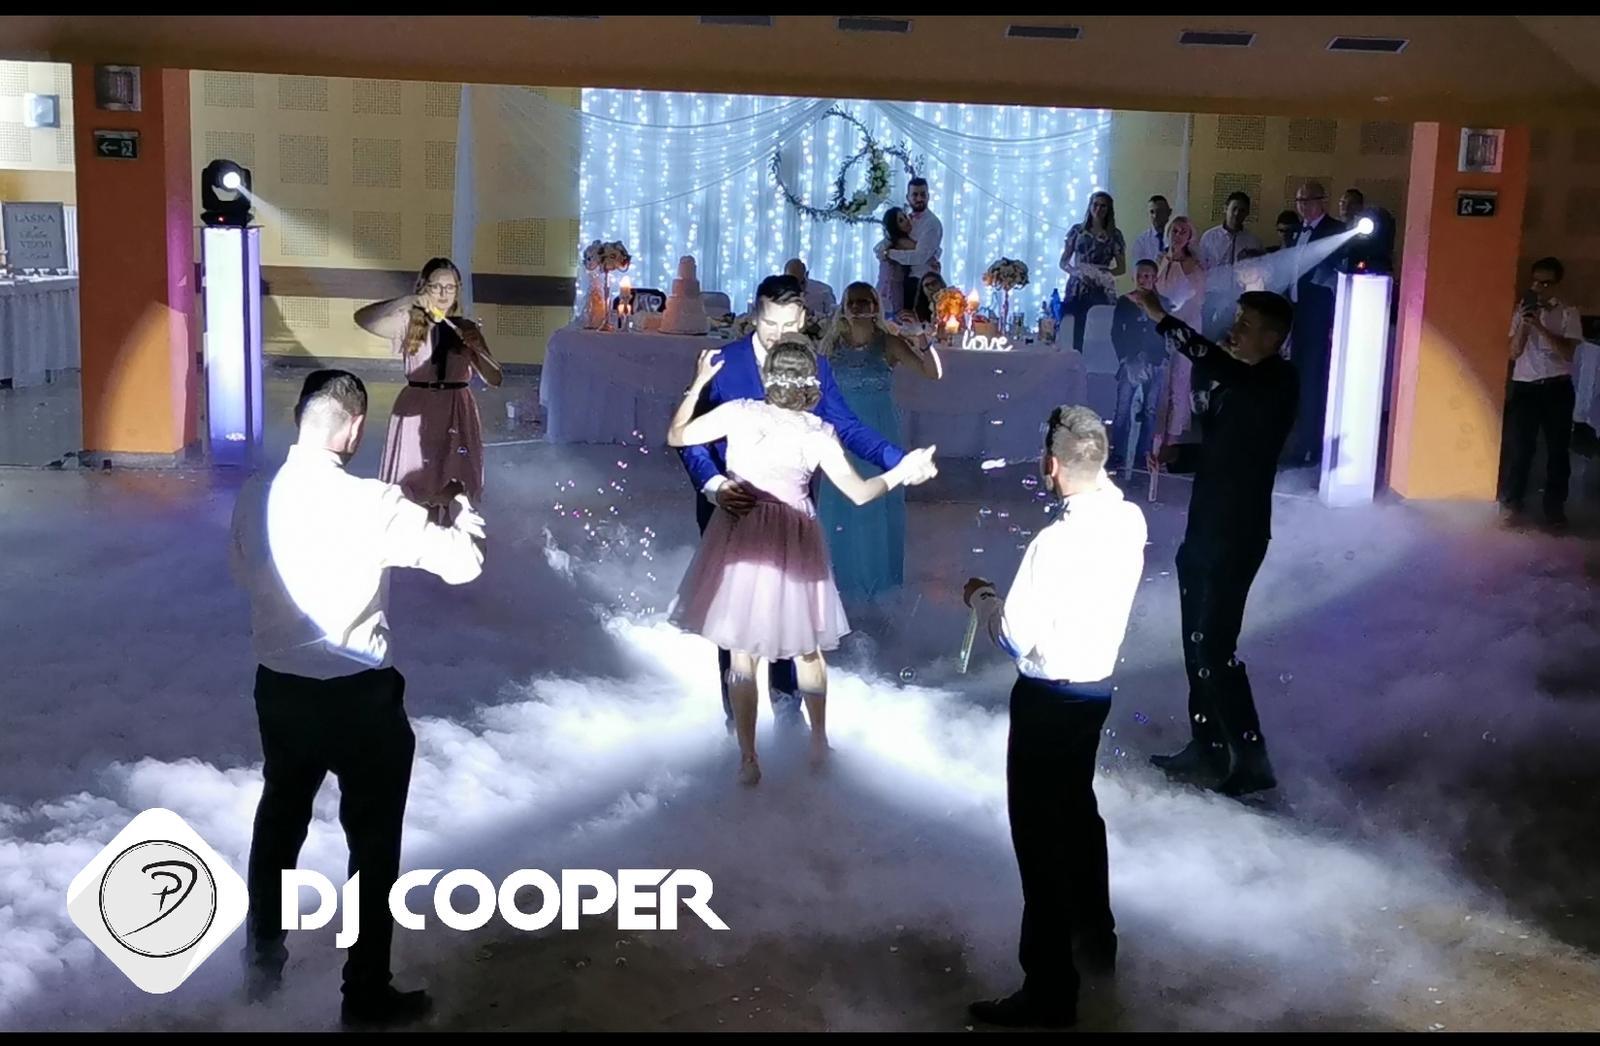 djcooper - Obrázok č. 4